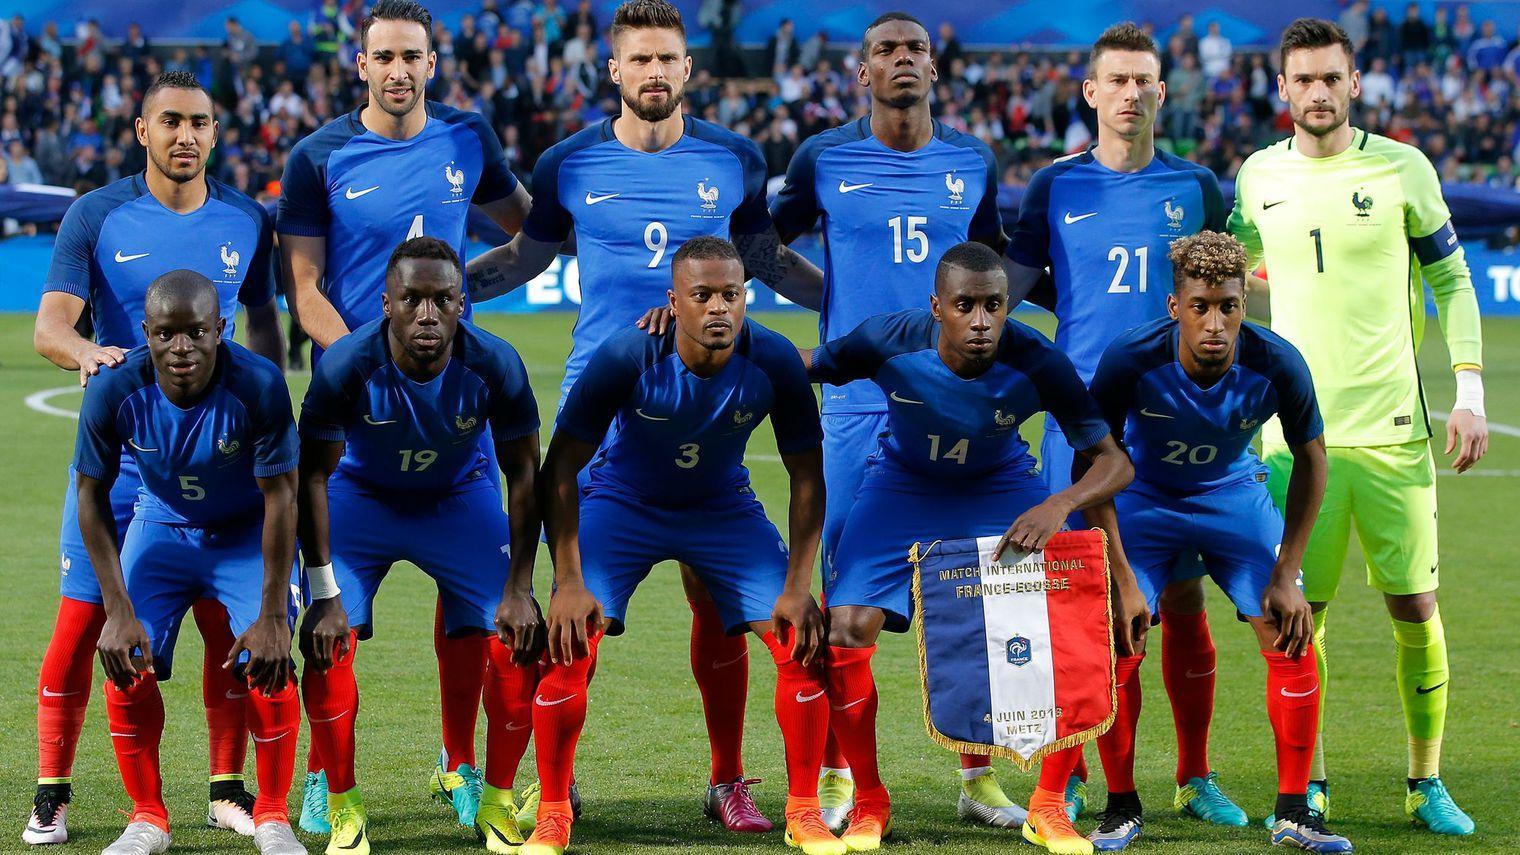 Euro 2016 : merci les Bleus !